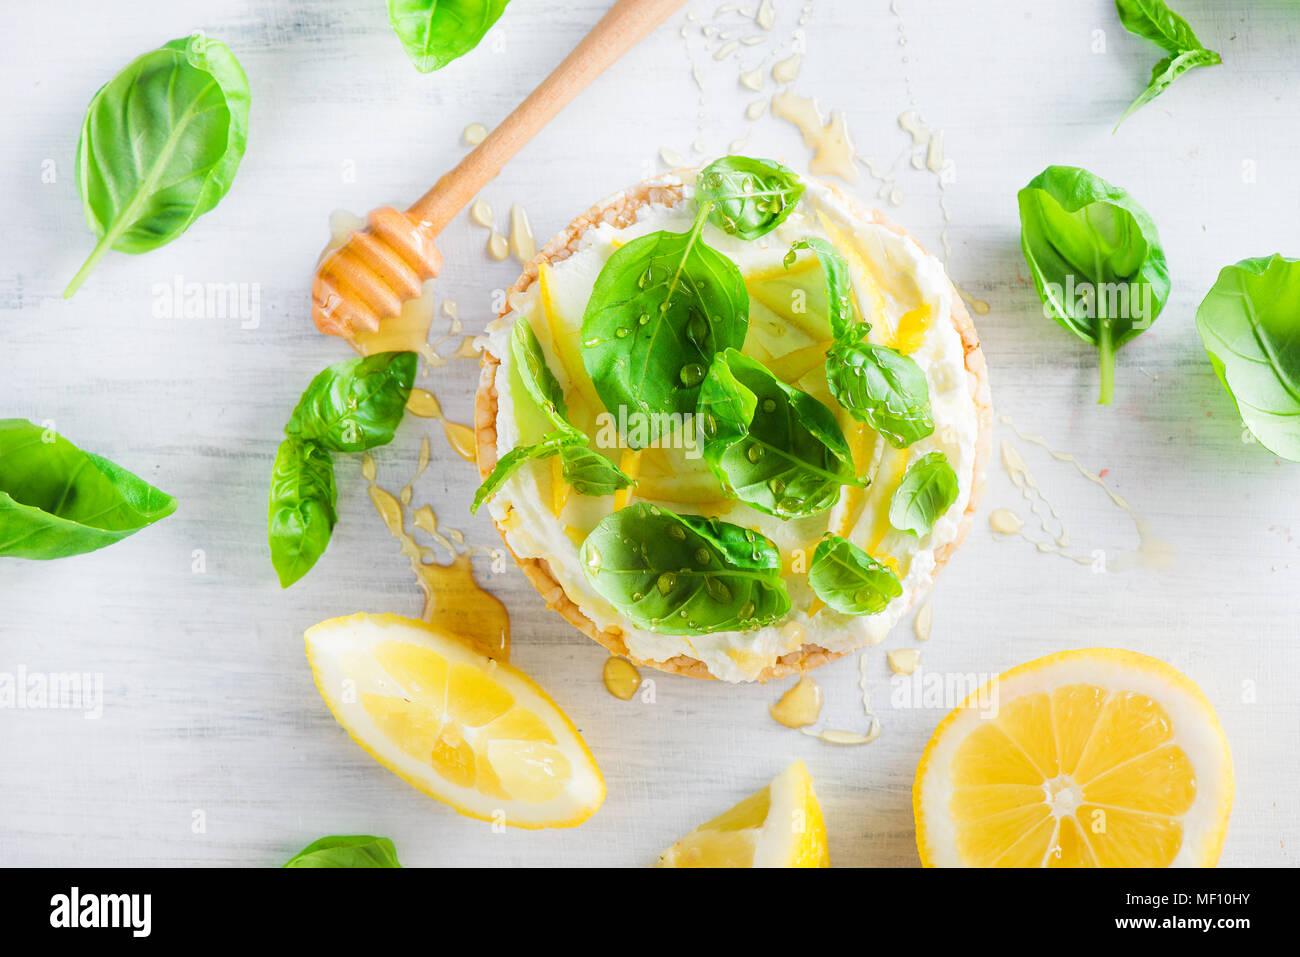 Collation santé, avec du pain, du zeste de citron, le miel et le basilic. Entrée facile recette. Photo Stock